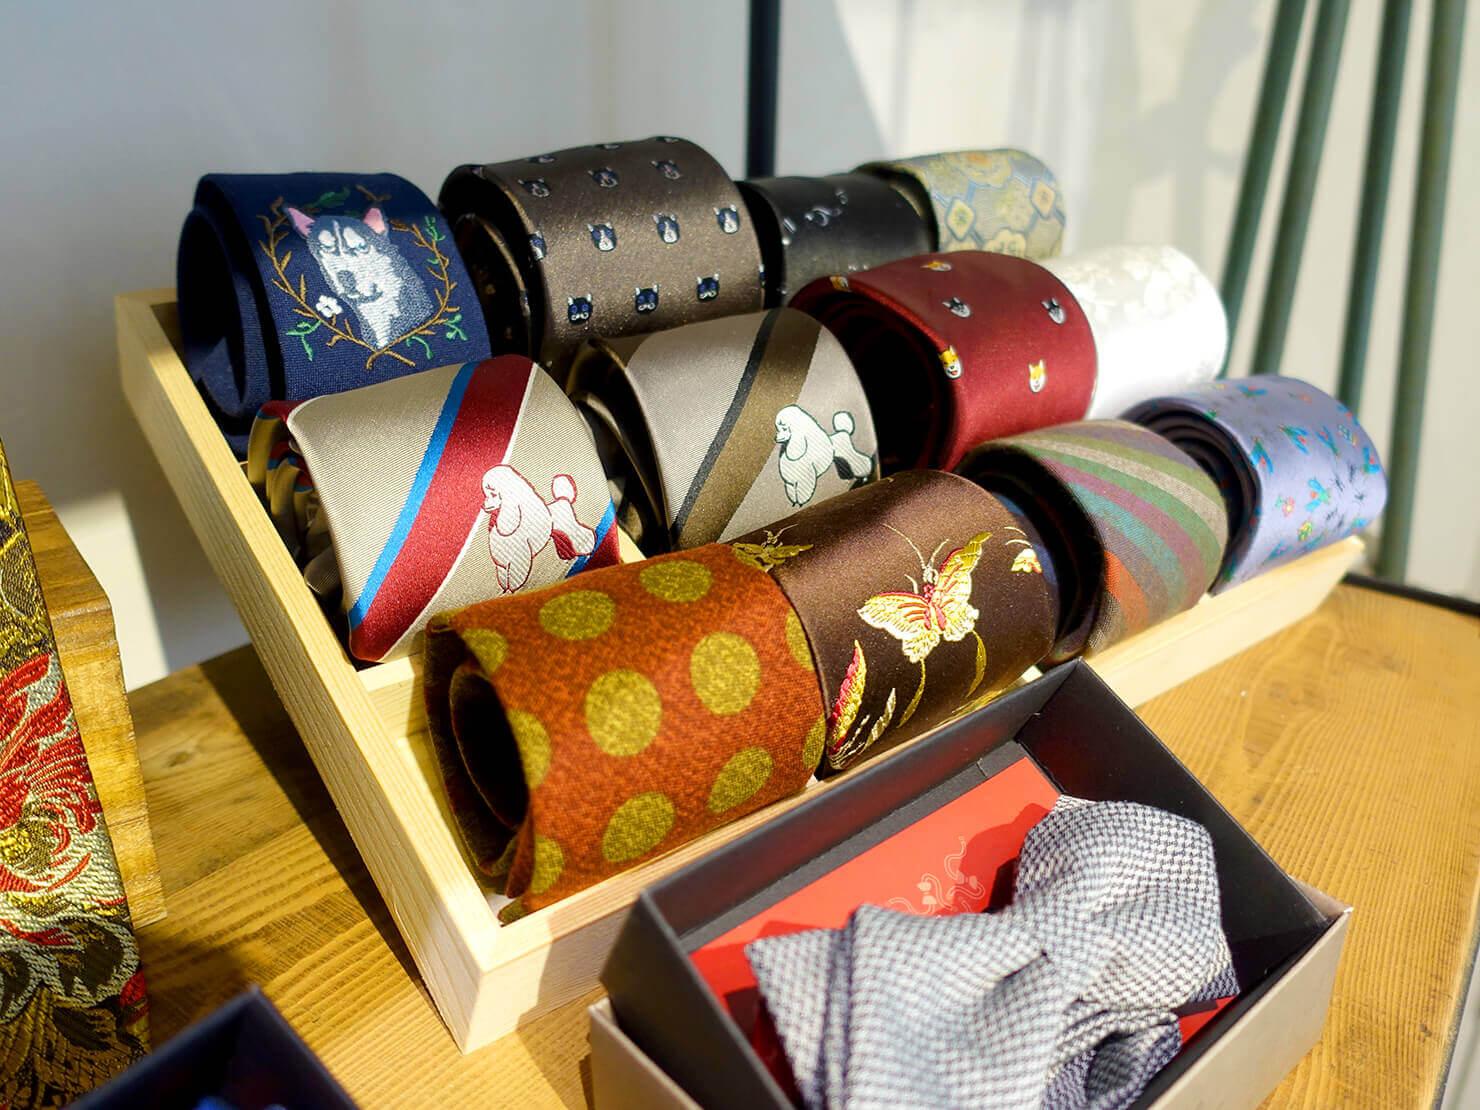 台湾のおすすめ革靴ブランド「林果良品 ORINGO」台北東門店に並ぶネクタイ